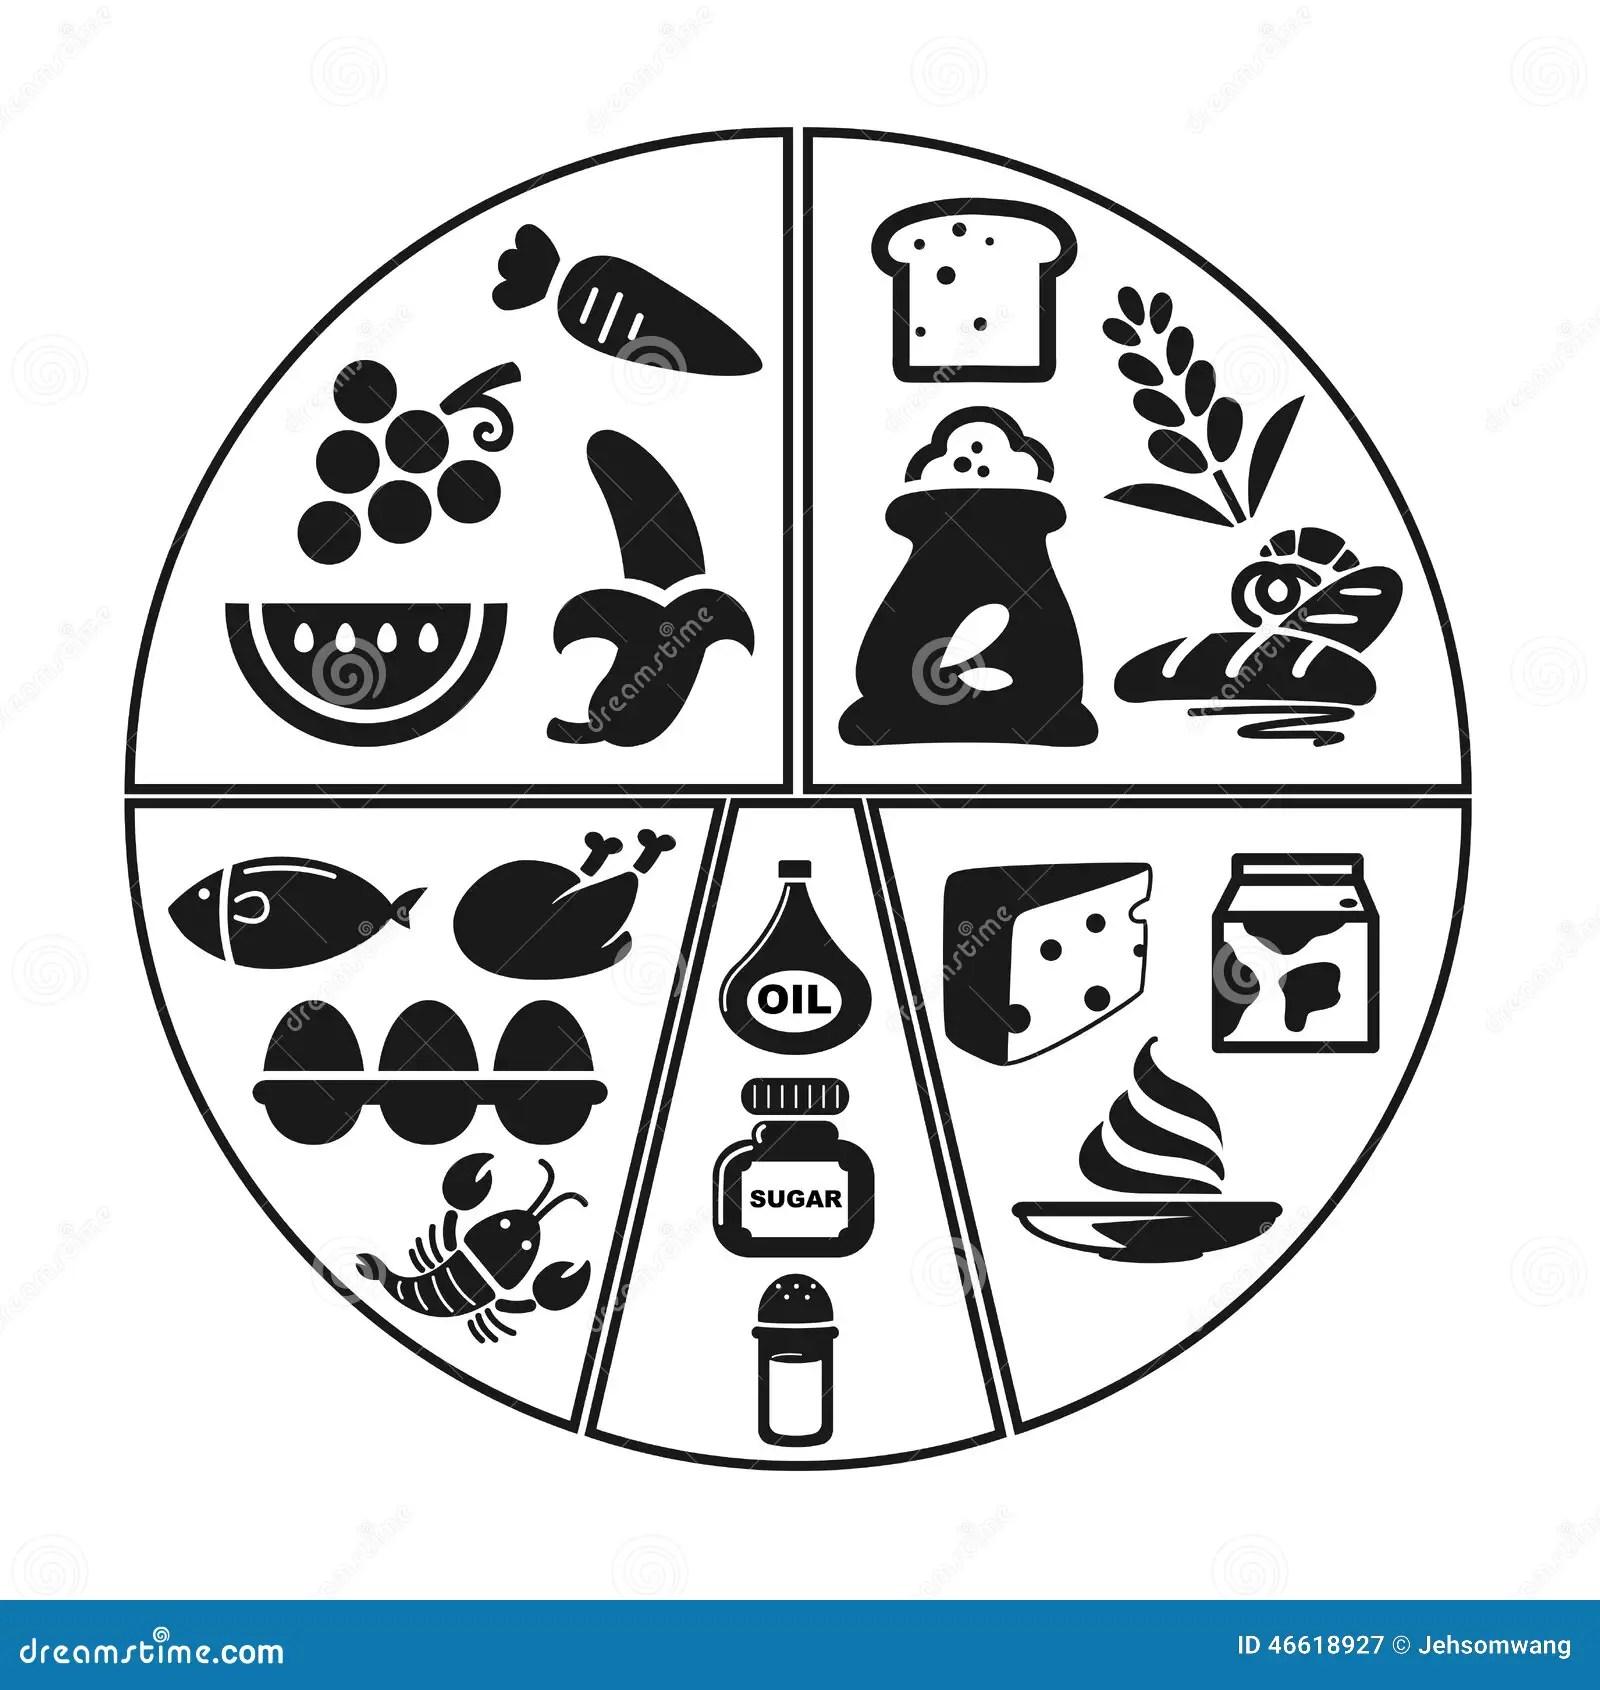 Icono Del Grafico De La Informacion Del Grupo De La Comida